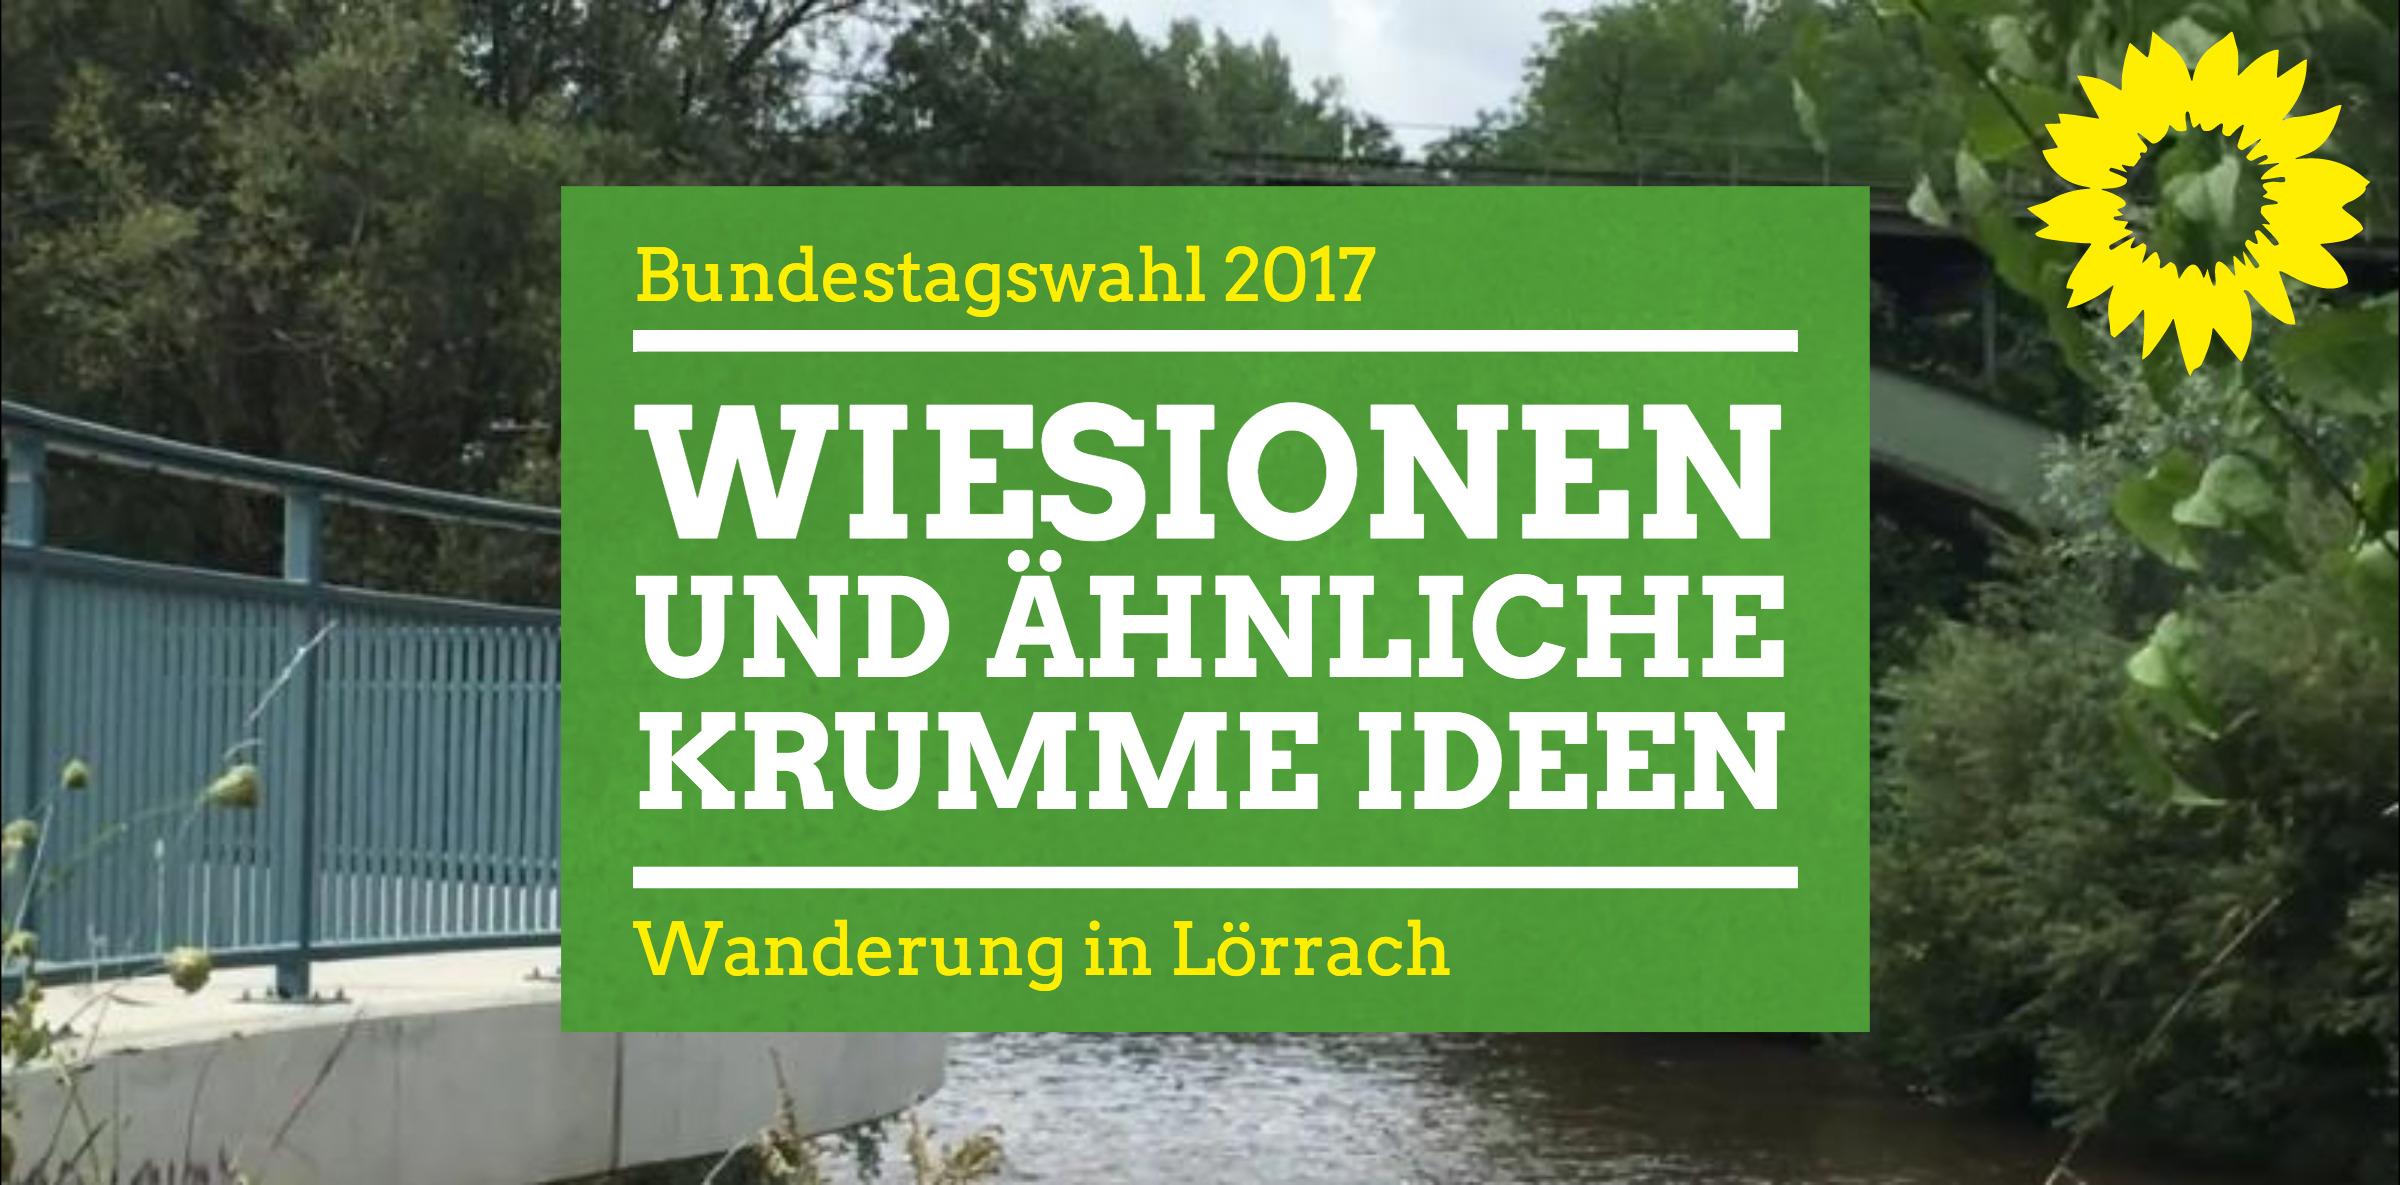 Wiesionen und ähnliche krumme Ideen – Wanderung in Lörrach